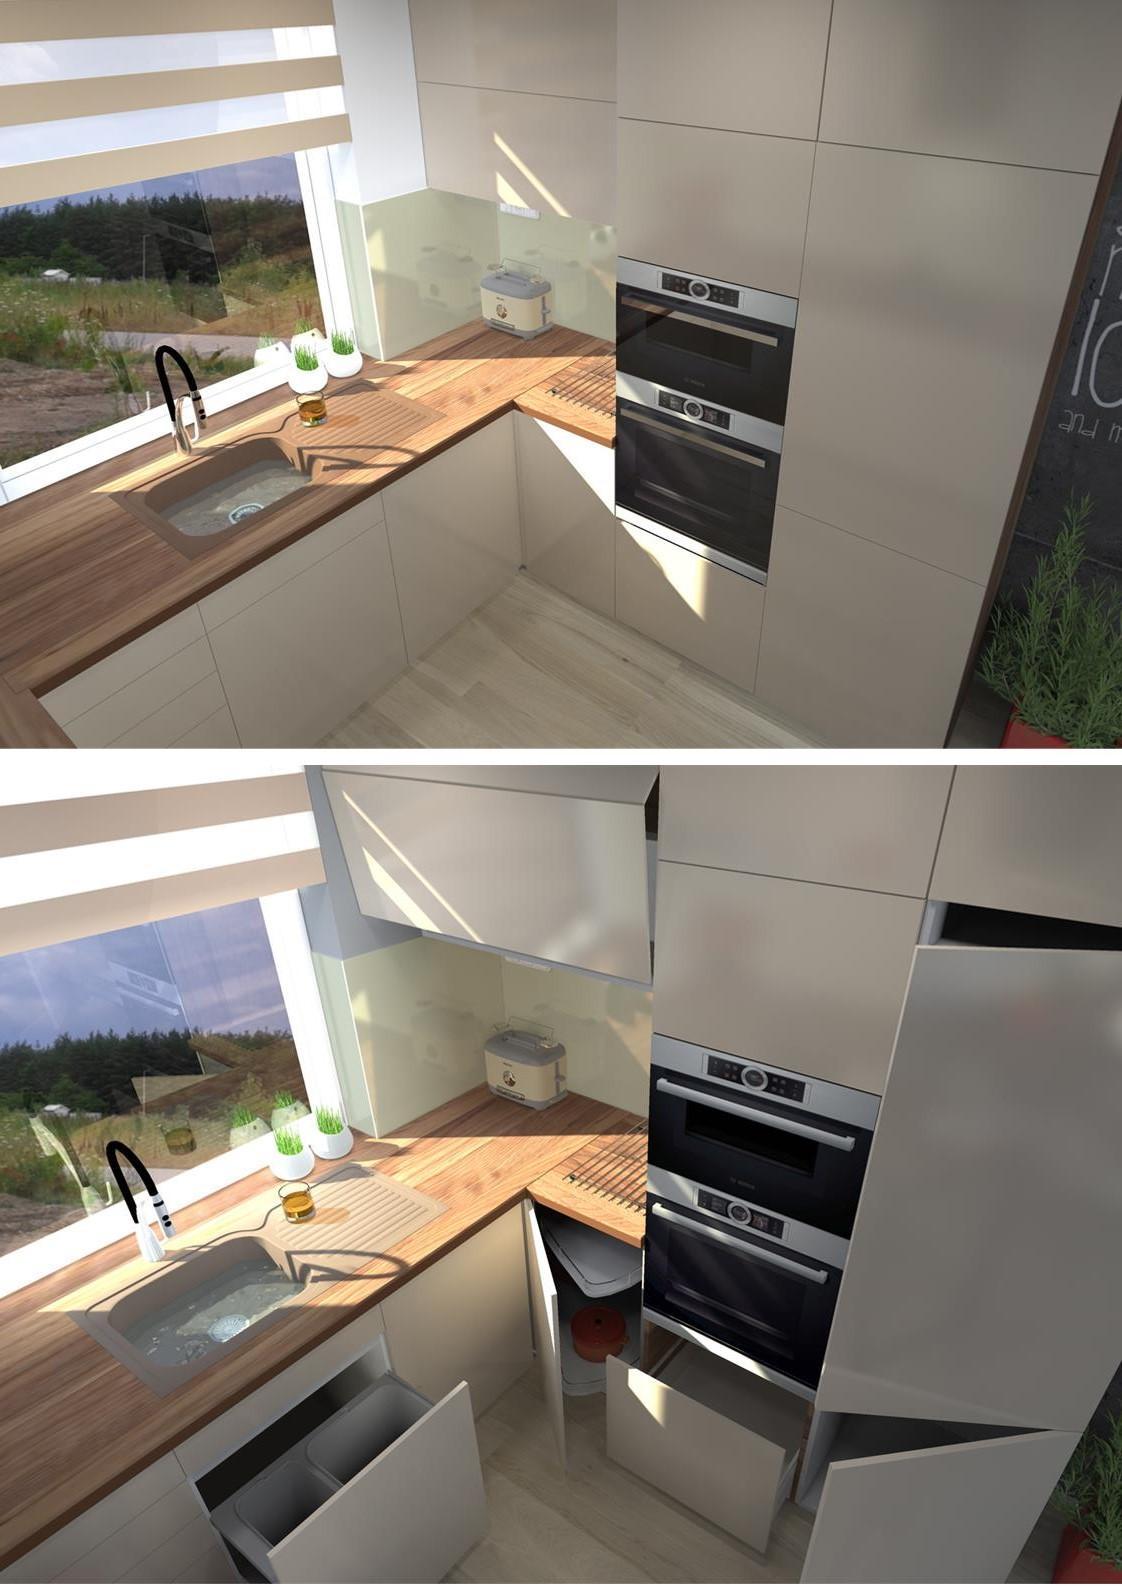 Povyberané na inspiráciu - pre @kotatkomimi   tu su v kute zavrete nastenne skrinky so zalamovacimi dvierkami a chyba potravinova skrina pri chladnicke (ale zmesti sa aj ta)